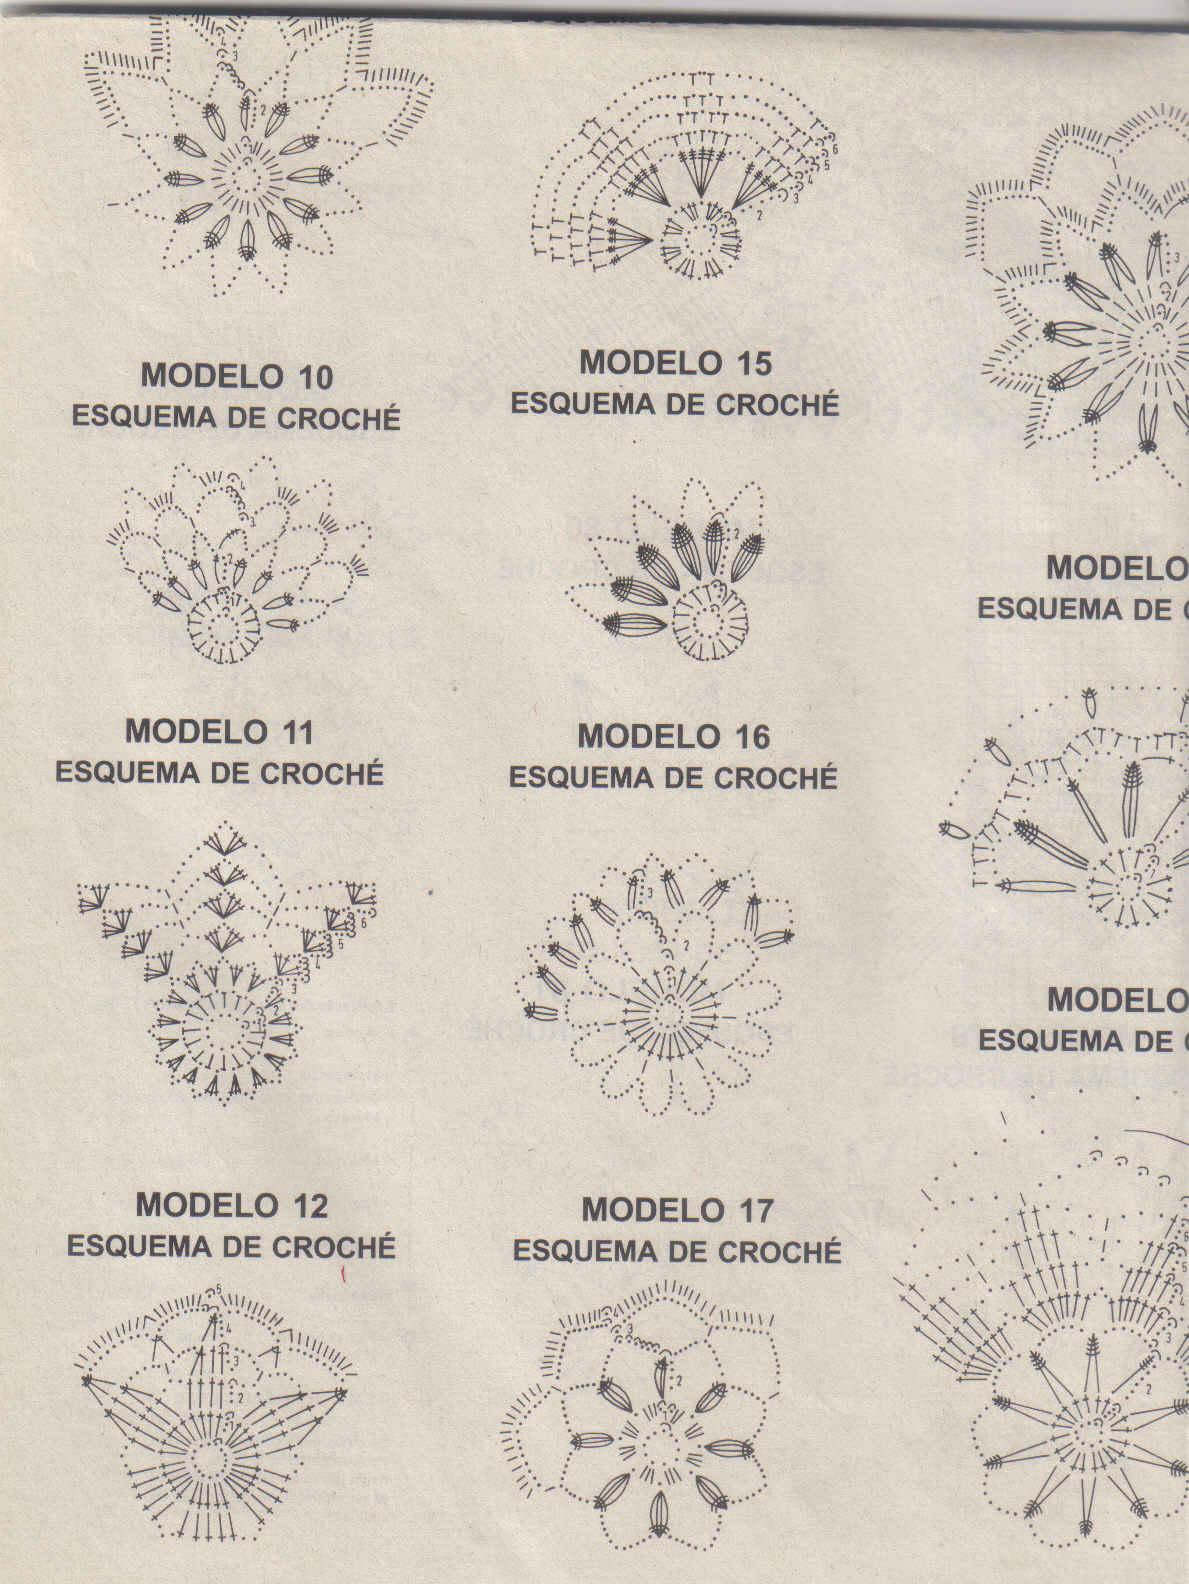 Adicta al tejido adornos navide os a crochet for Adornos navidenos tejidos a crochet 2016